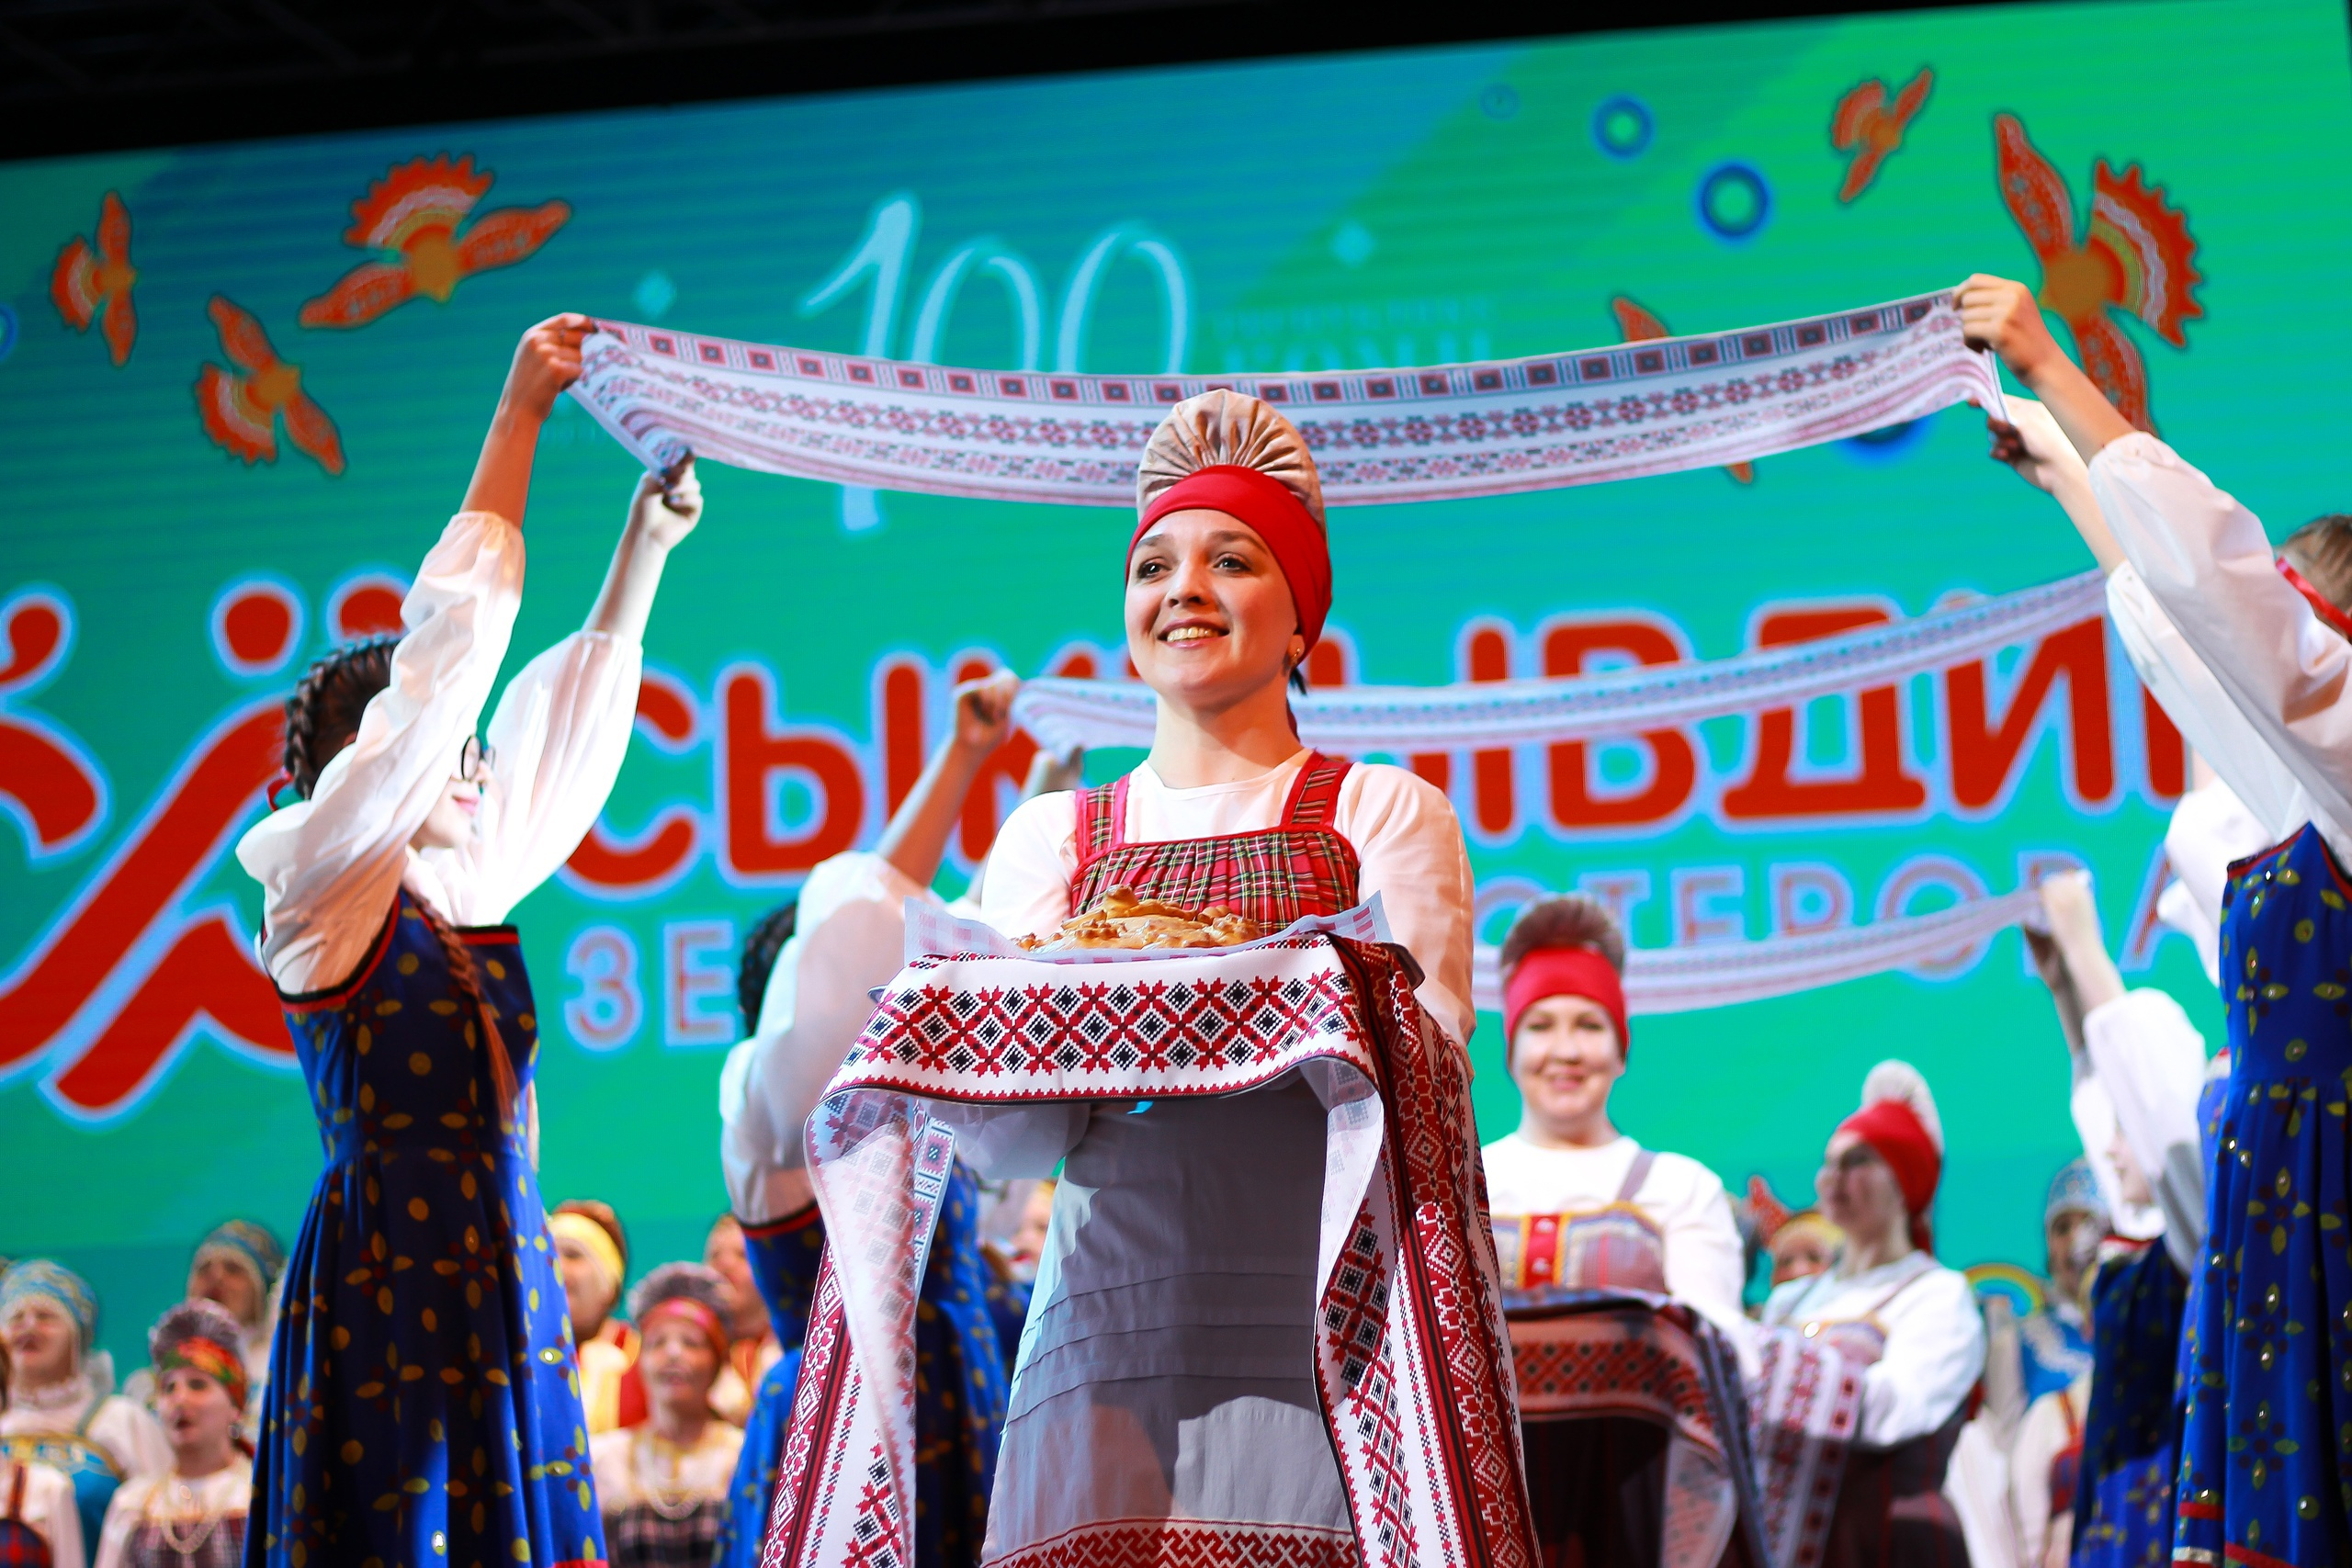 #КОМИ100: К 100-летию Коми 14 районов республики презентовали многообразие культуры и традиций малой родины